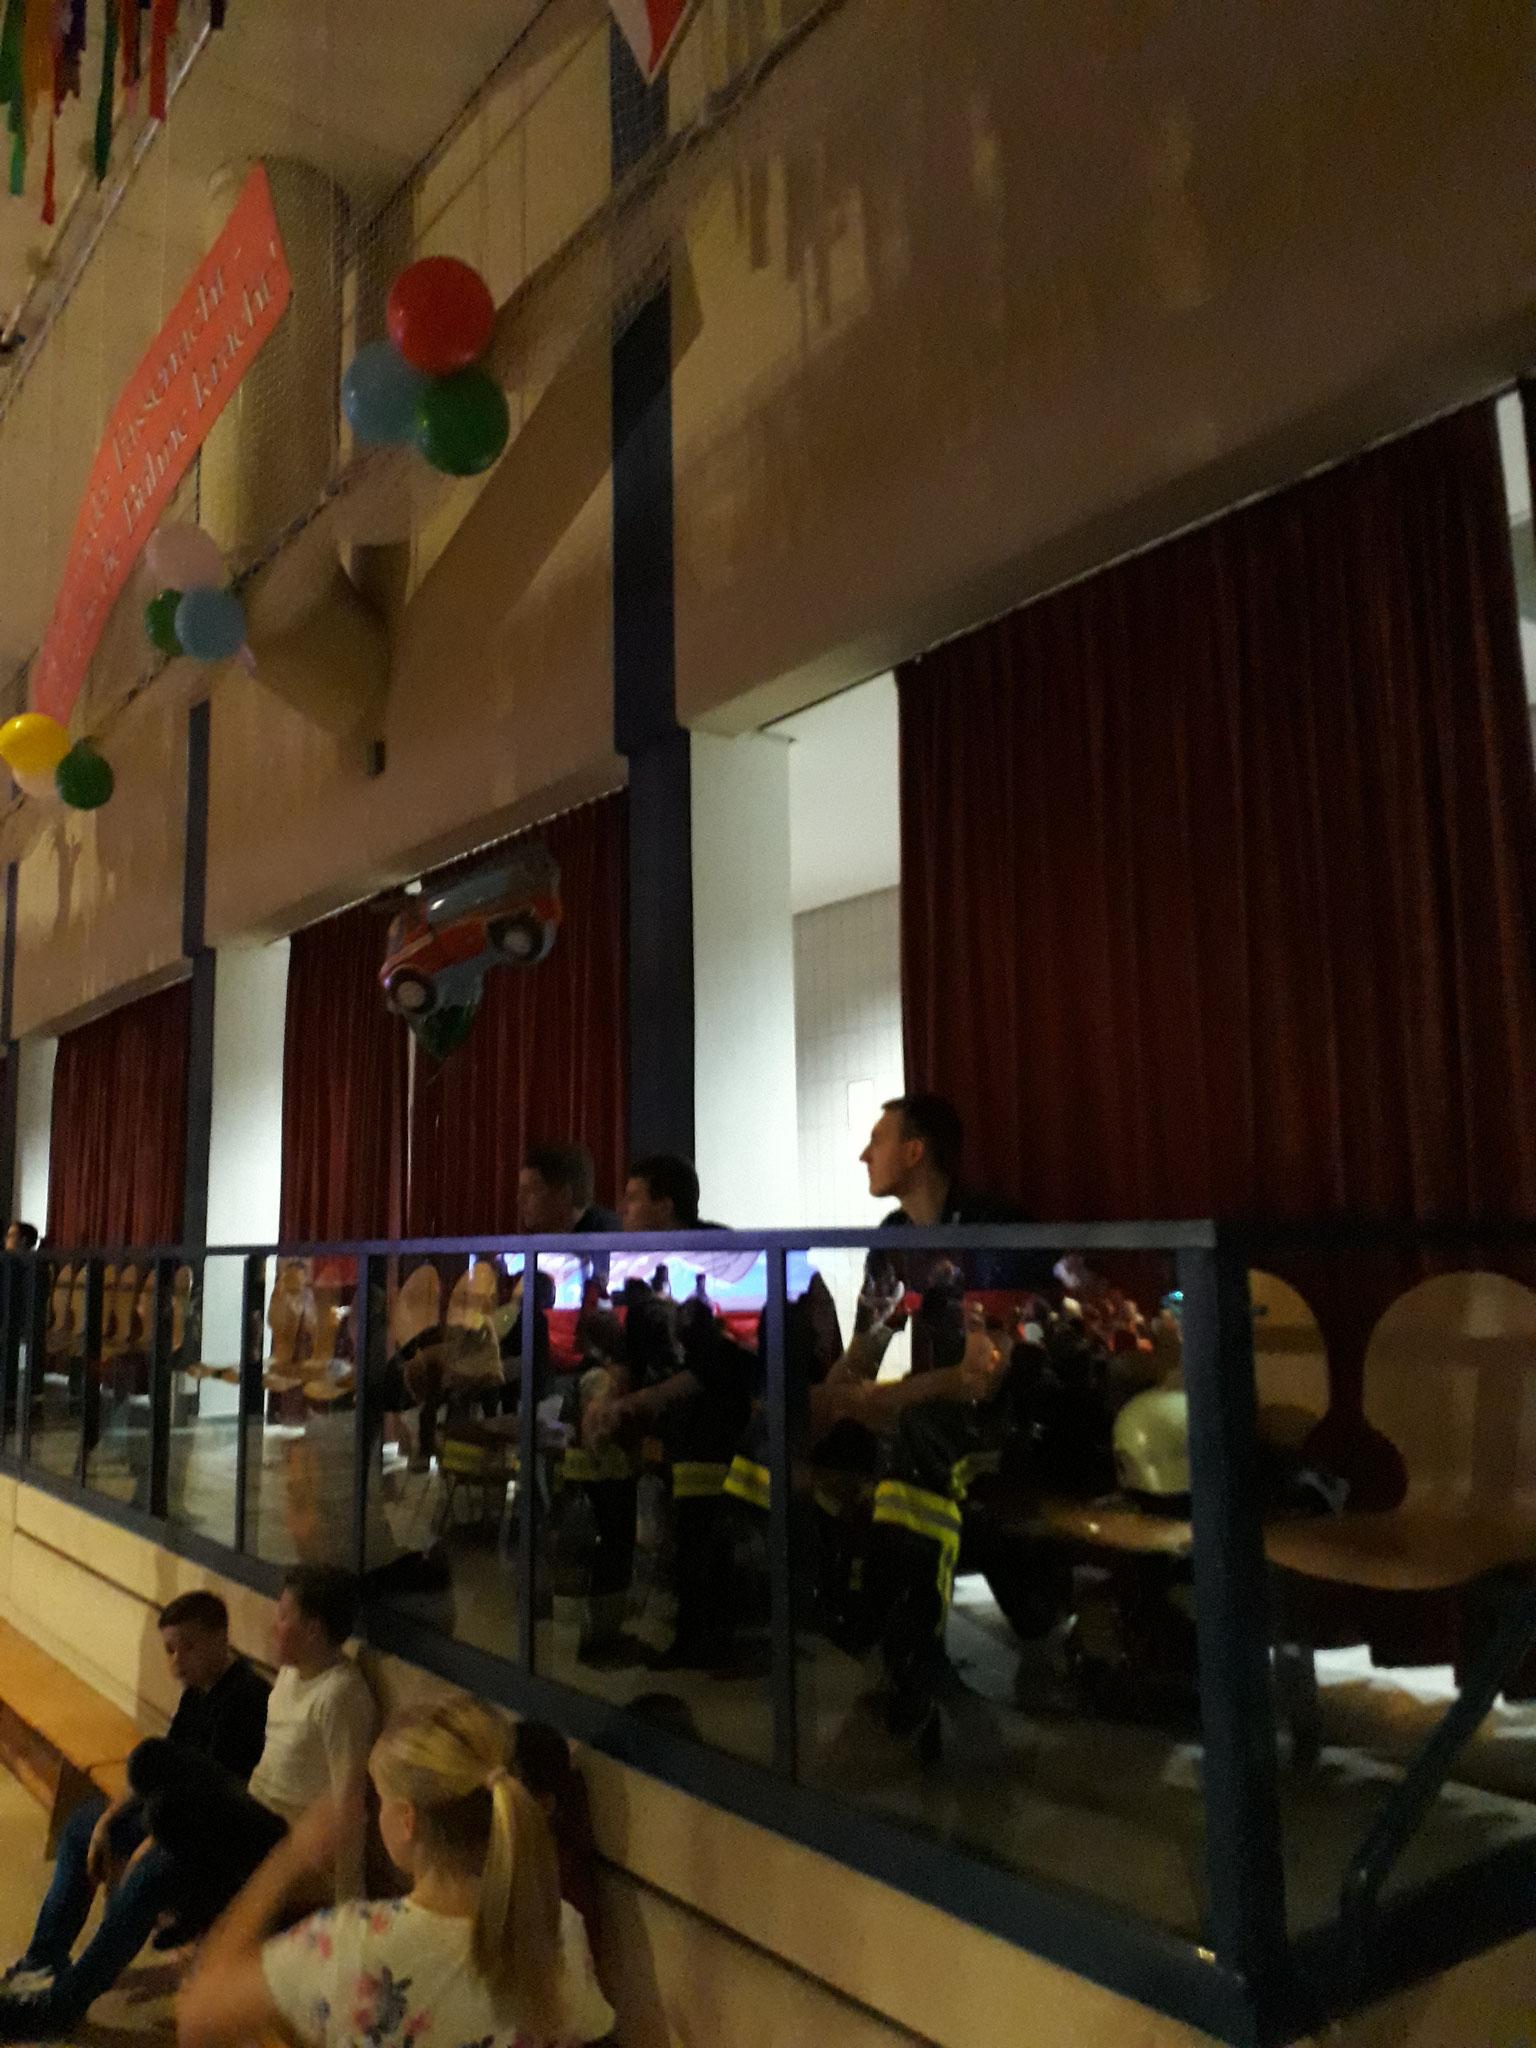 Auch in diesem Jahr übernahmen wir die Brandschutzabsicherung für den FKV in der Hörselberghalle zu allen Veranstaltungen.